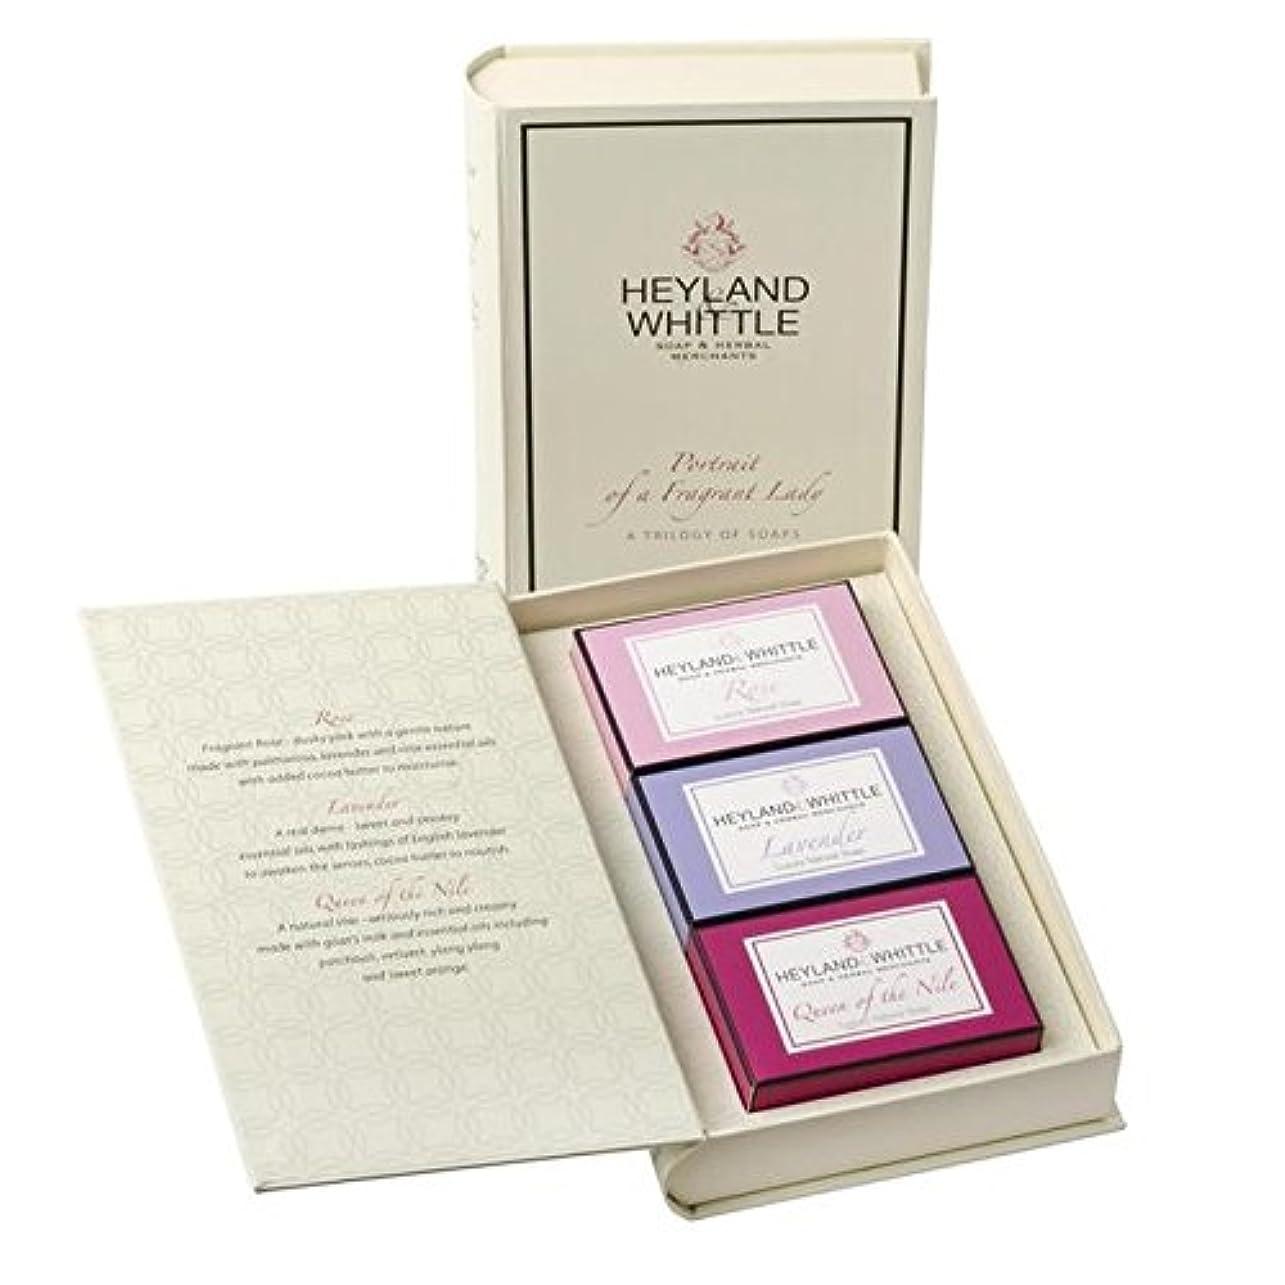 トラブル肉の光沢のある&削る石鹸帳、香りの女性の肖像画 x2 - Heyland & Whittle Soap Book, Portrait of a Fragrant Lady (Pack of 2) [並行輸入品]